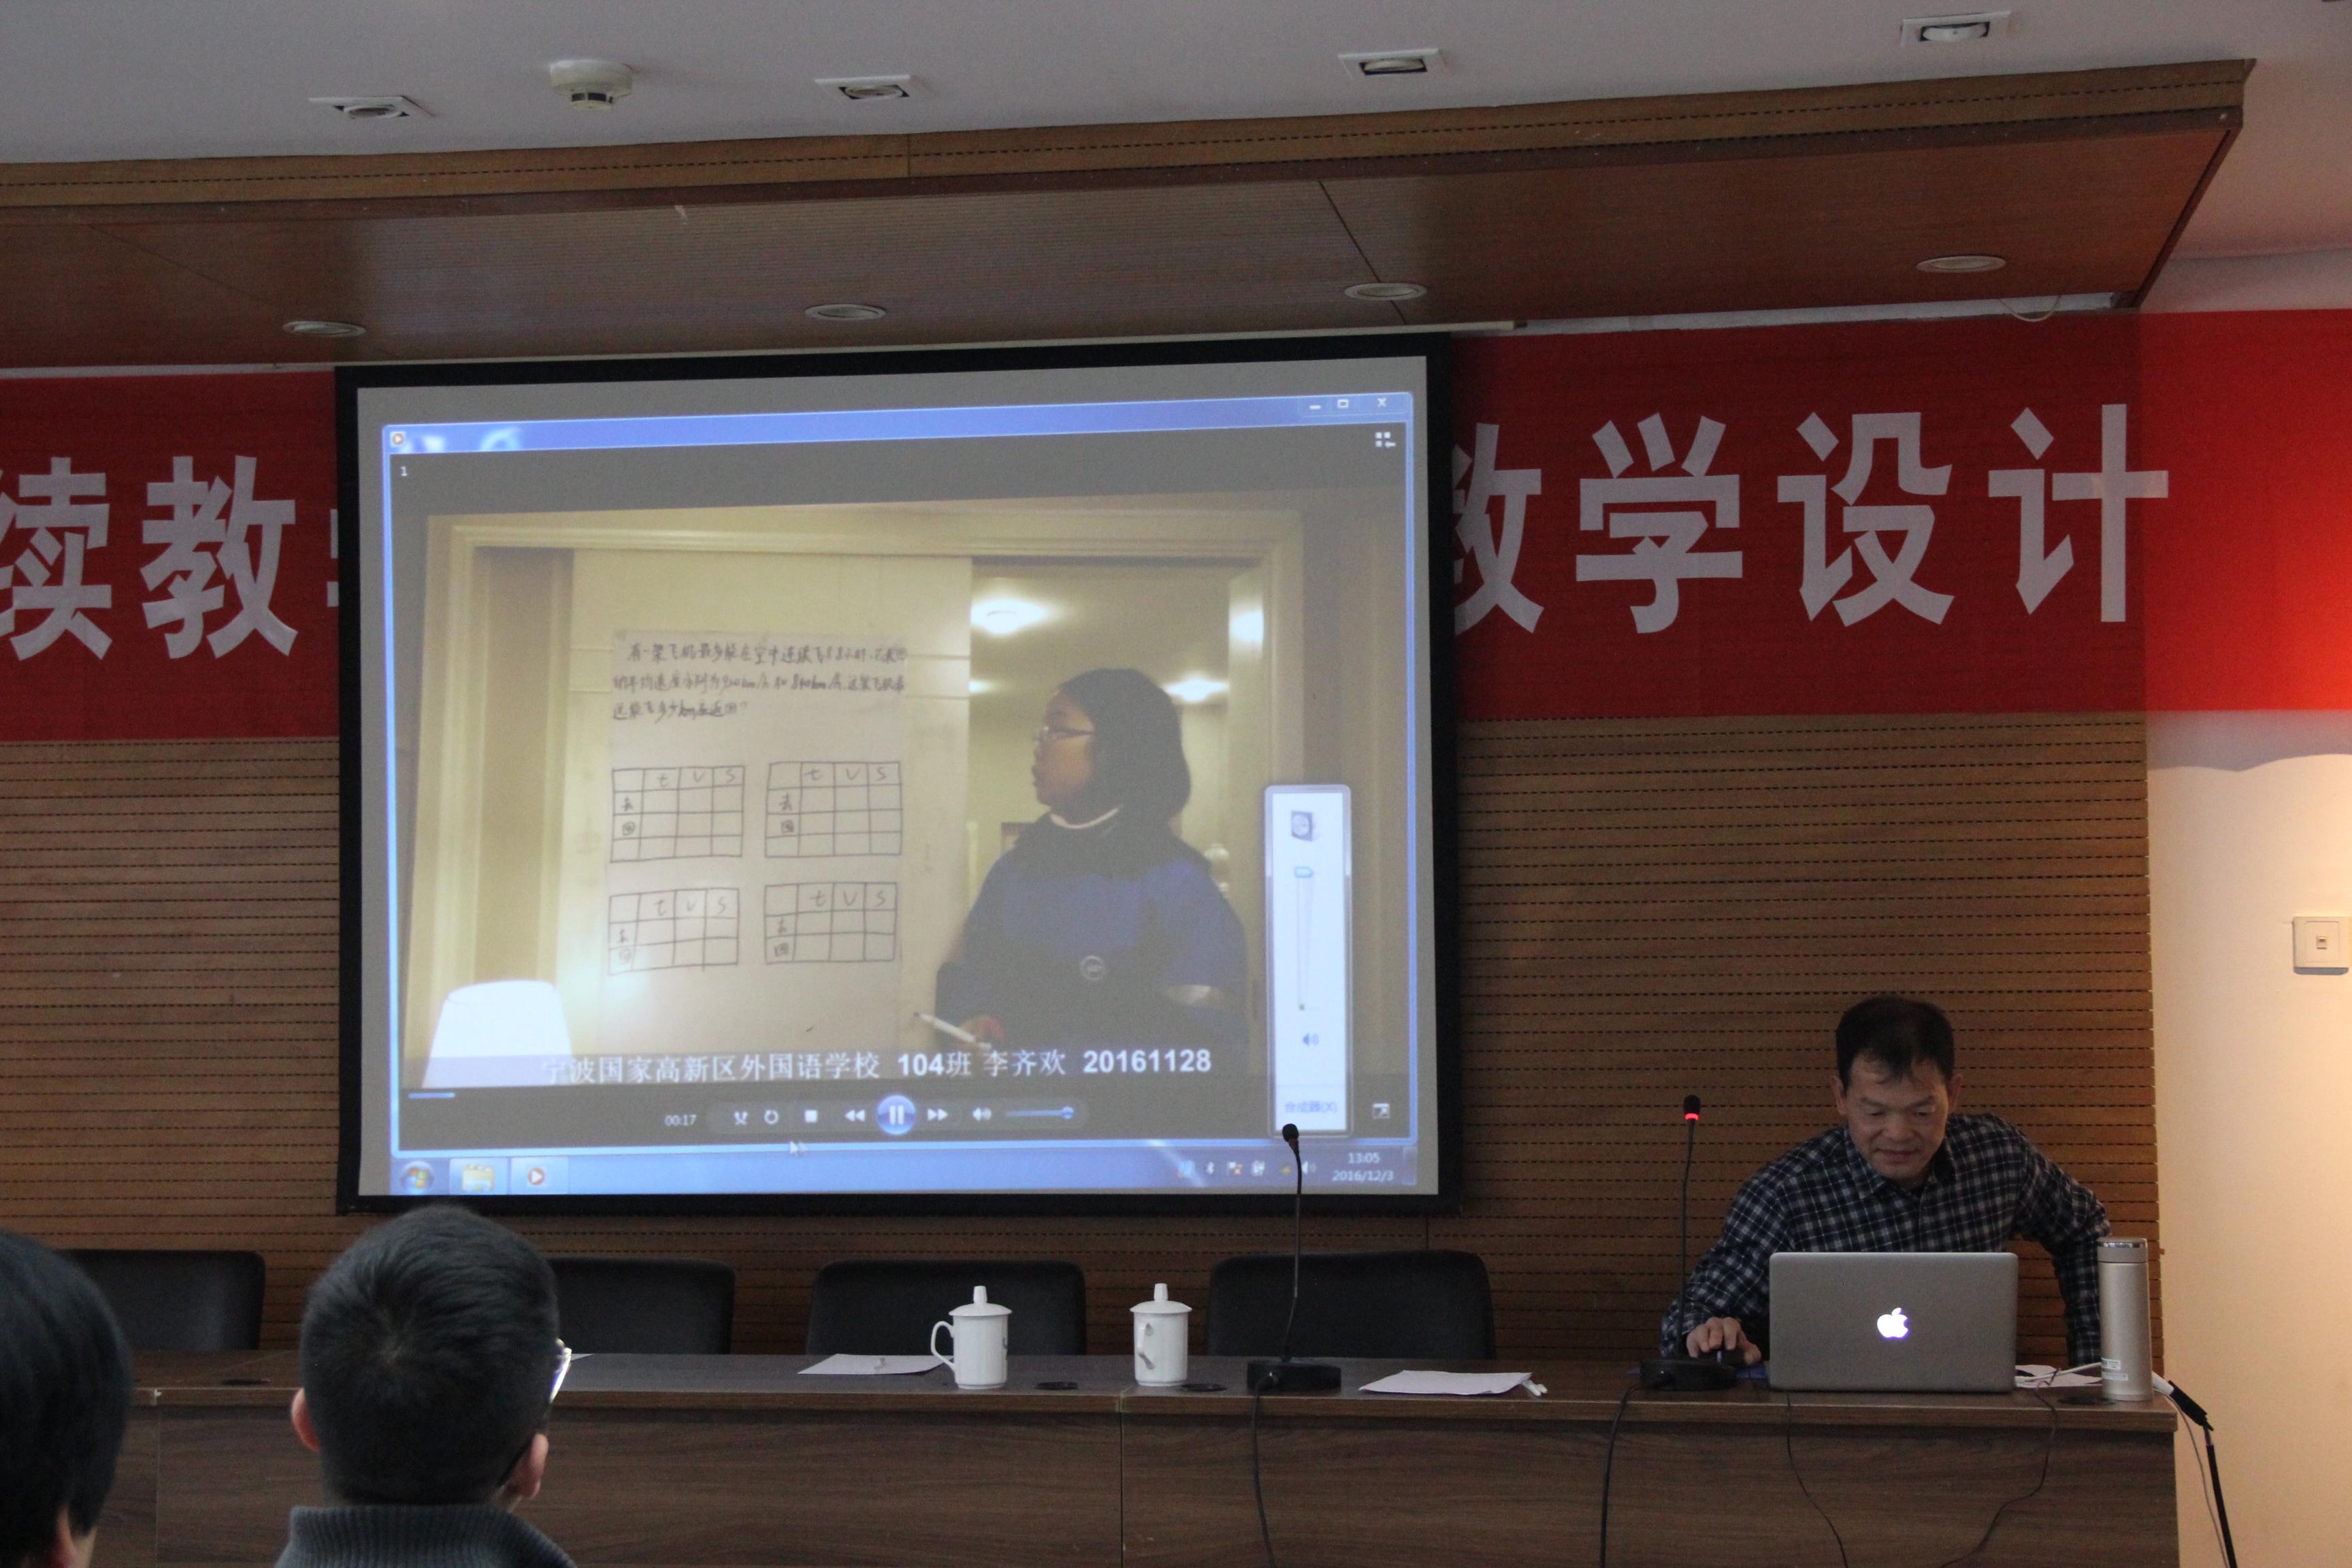 宁波数学教师郑华玉展示小组主讲学生实践成果.jpg